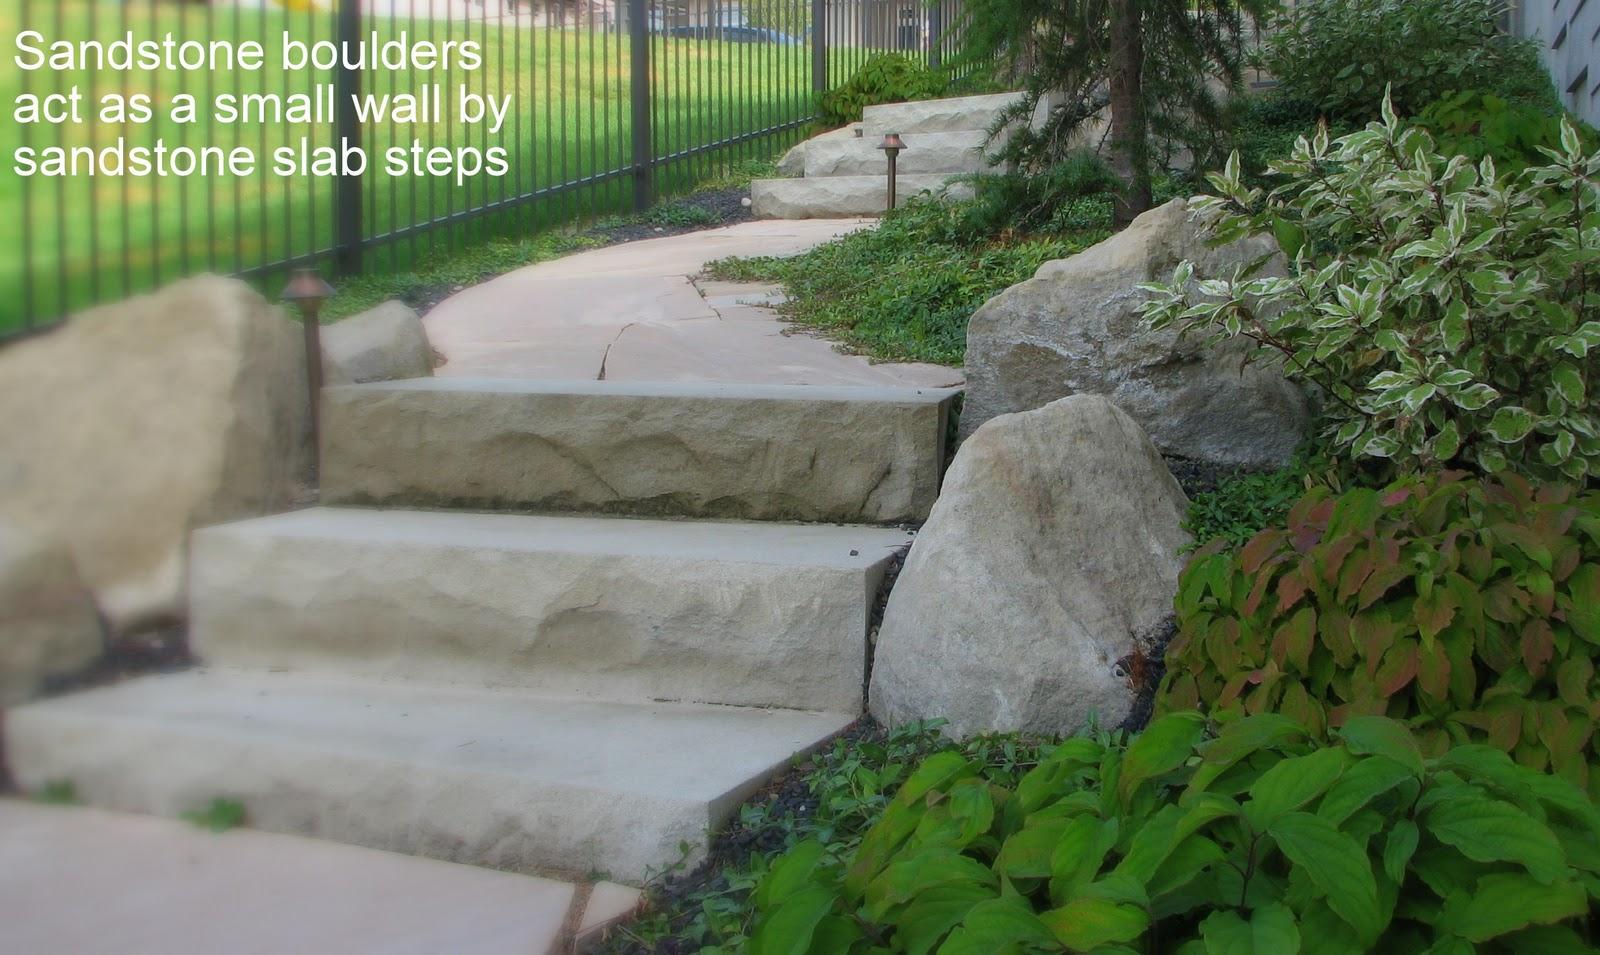 Landscaping Boulders Boise : B r e c k o n l a d s i g hardscape oh that